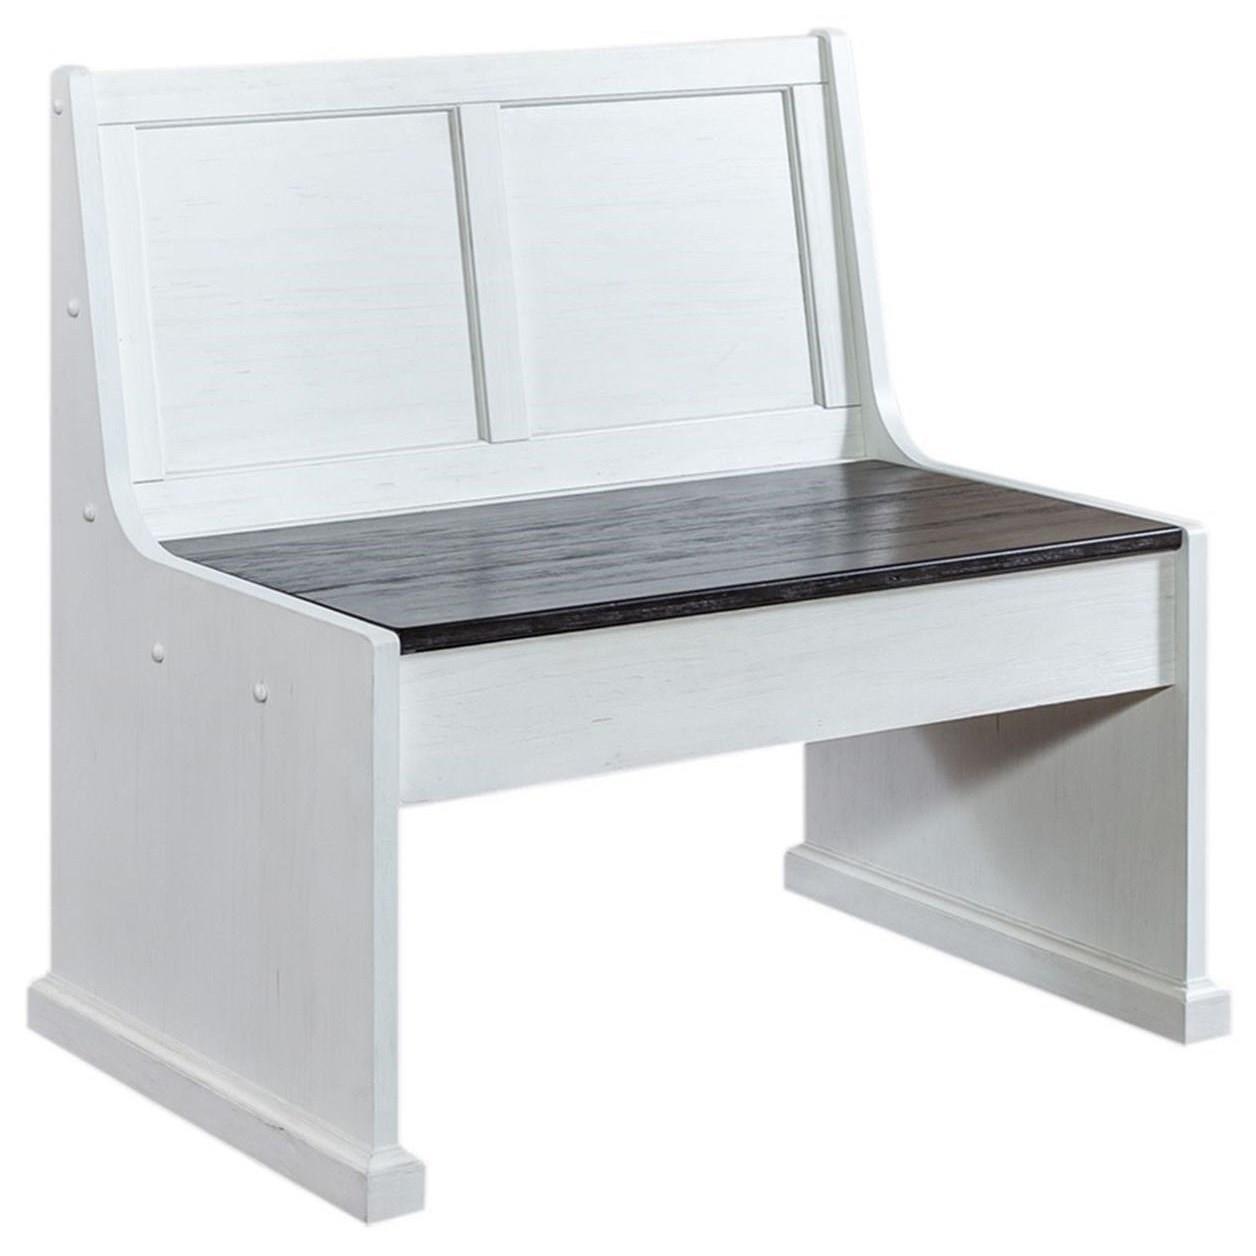 37 Inch Nook Modular Dining Bench with Hidden Storage